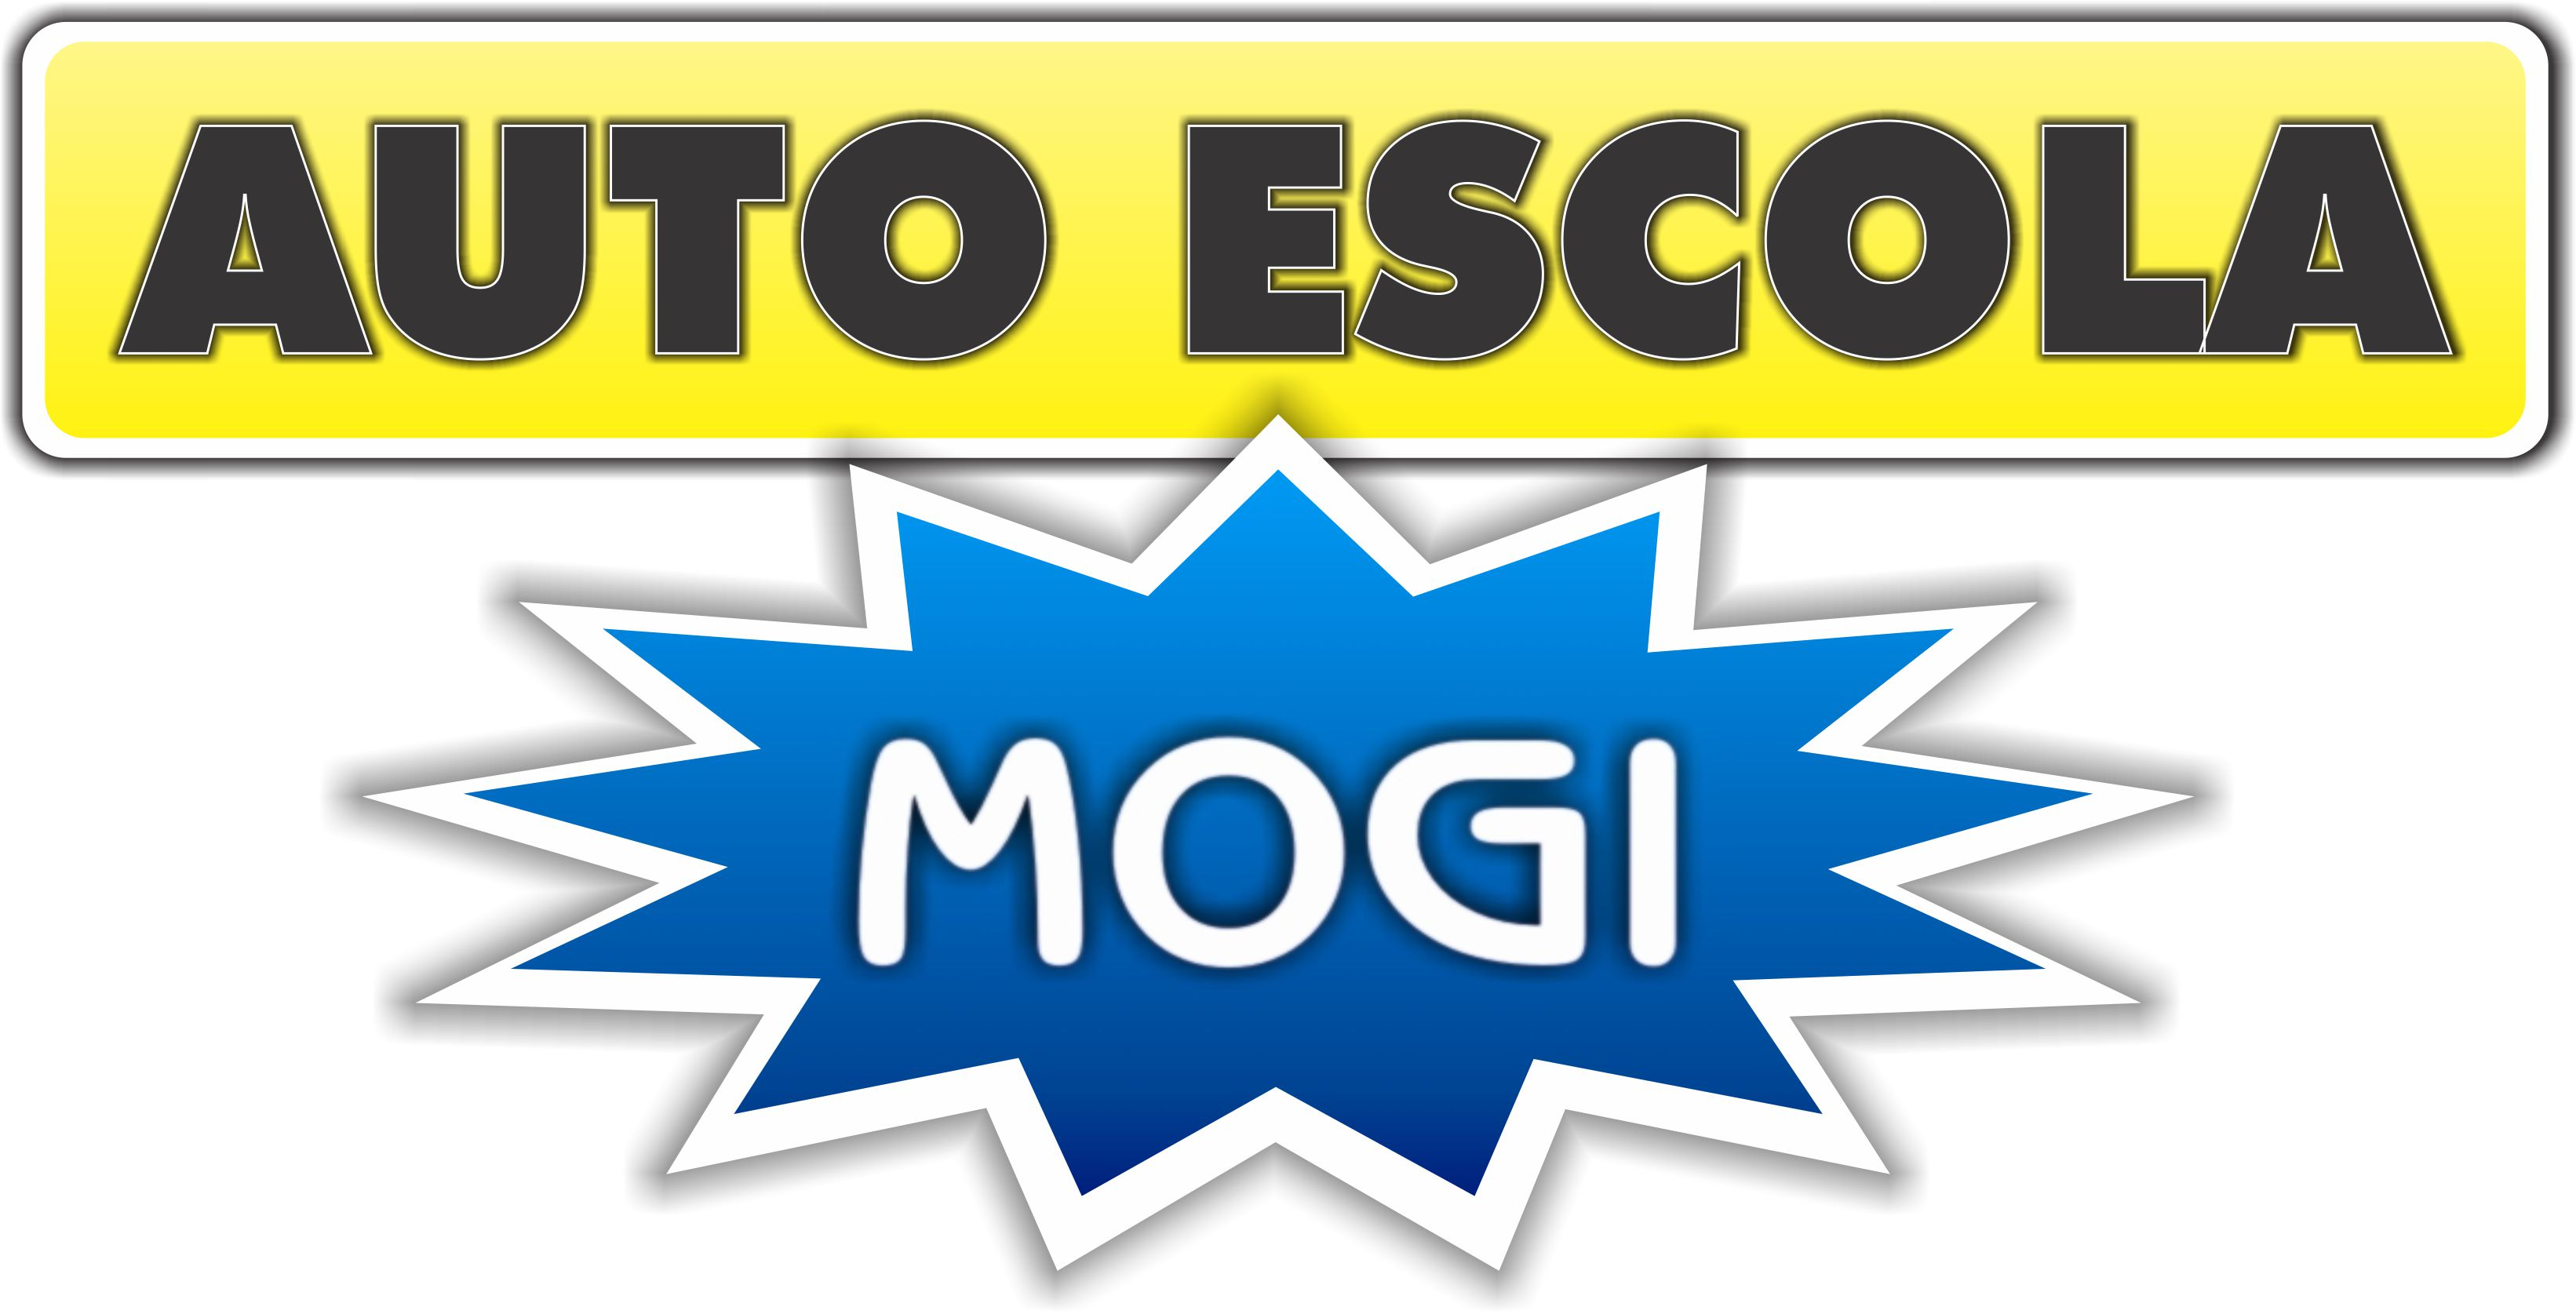 AutoEscola Mogi - Site Expresso - Entre em contato agora.